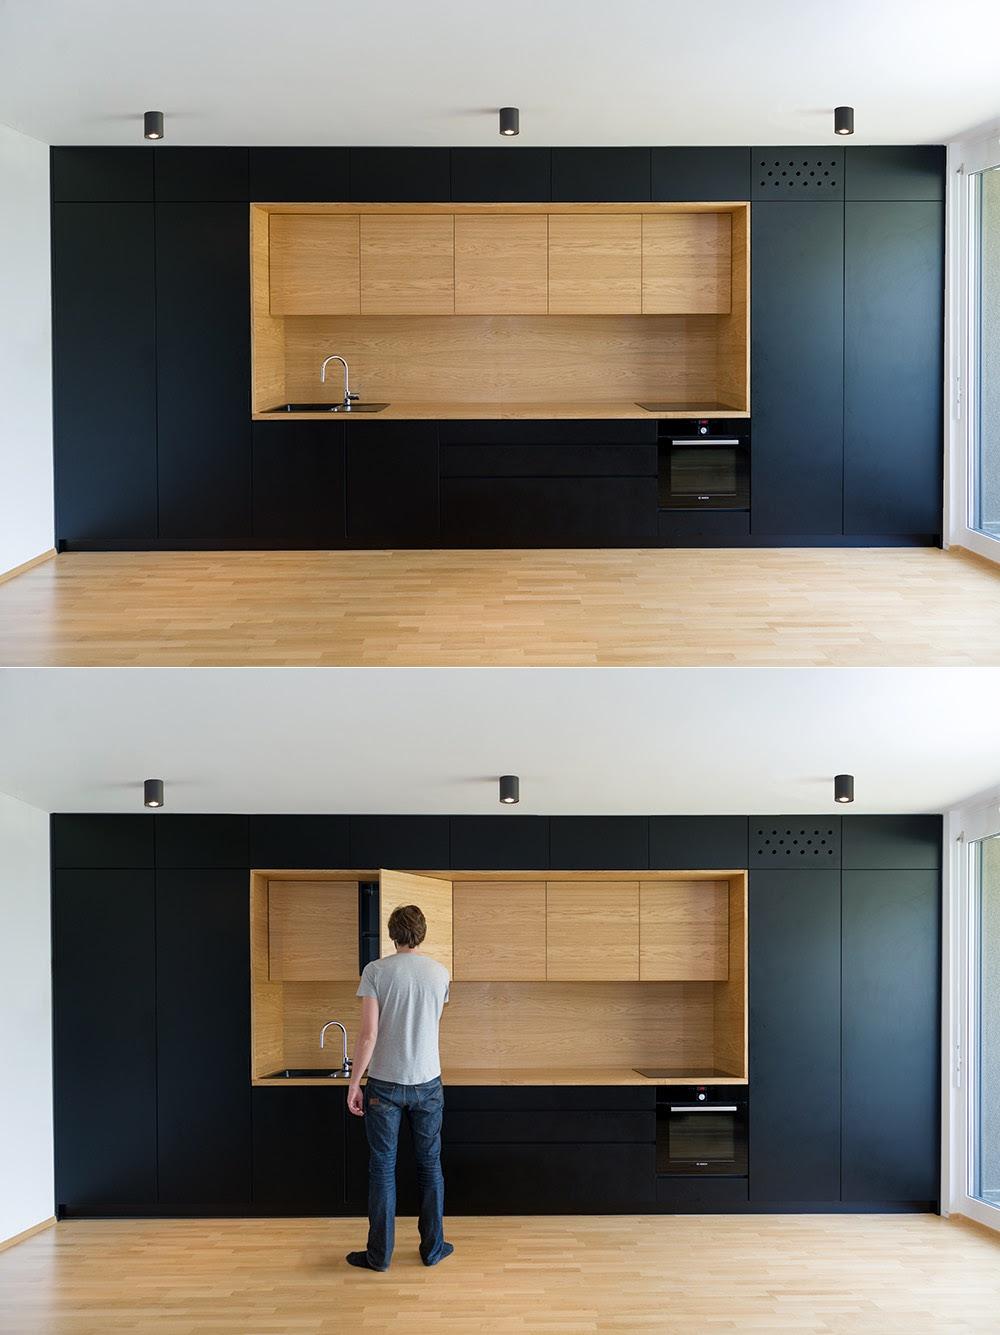 Resultado de imagem para black and wood